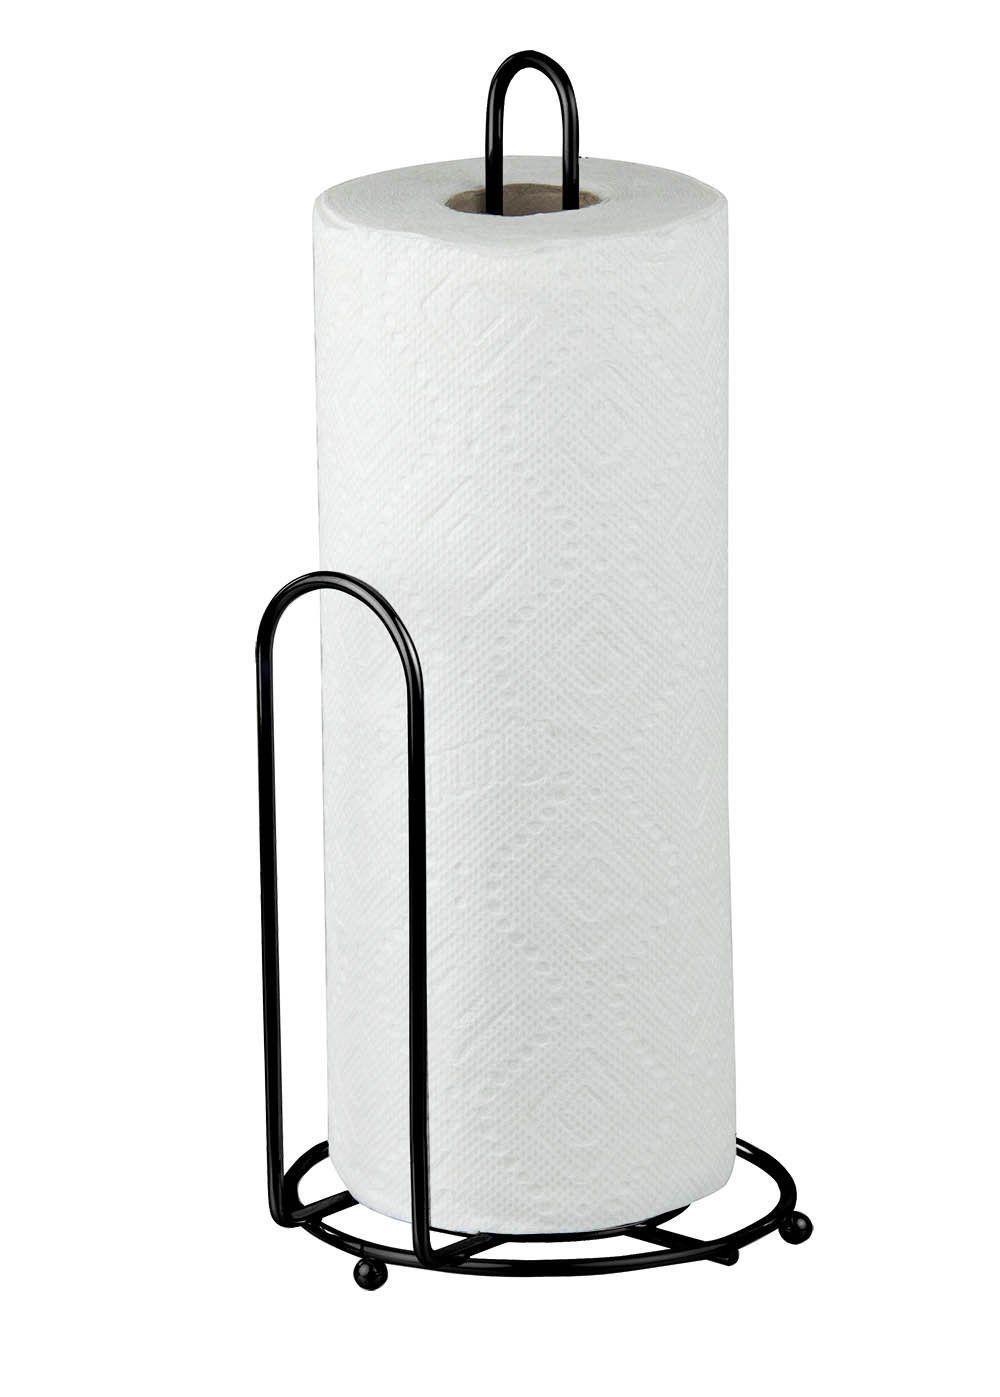 Home Basics Black Paper Towel Holder Black Finish Wire 6 Inch By 13 5 Inch Paper Towel Holder Towel Holder